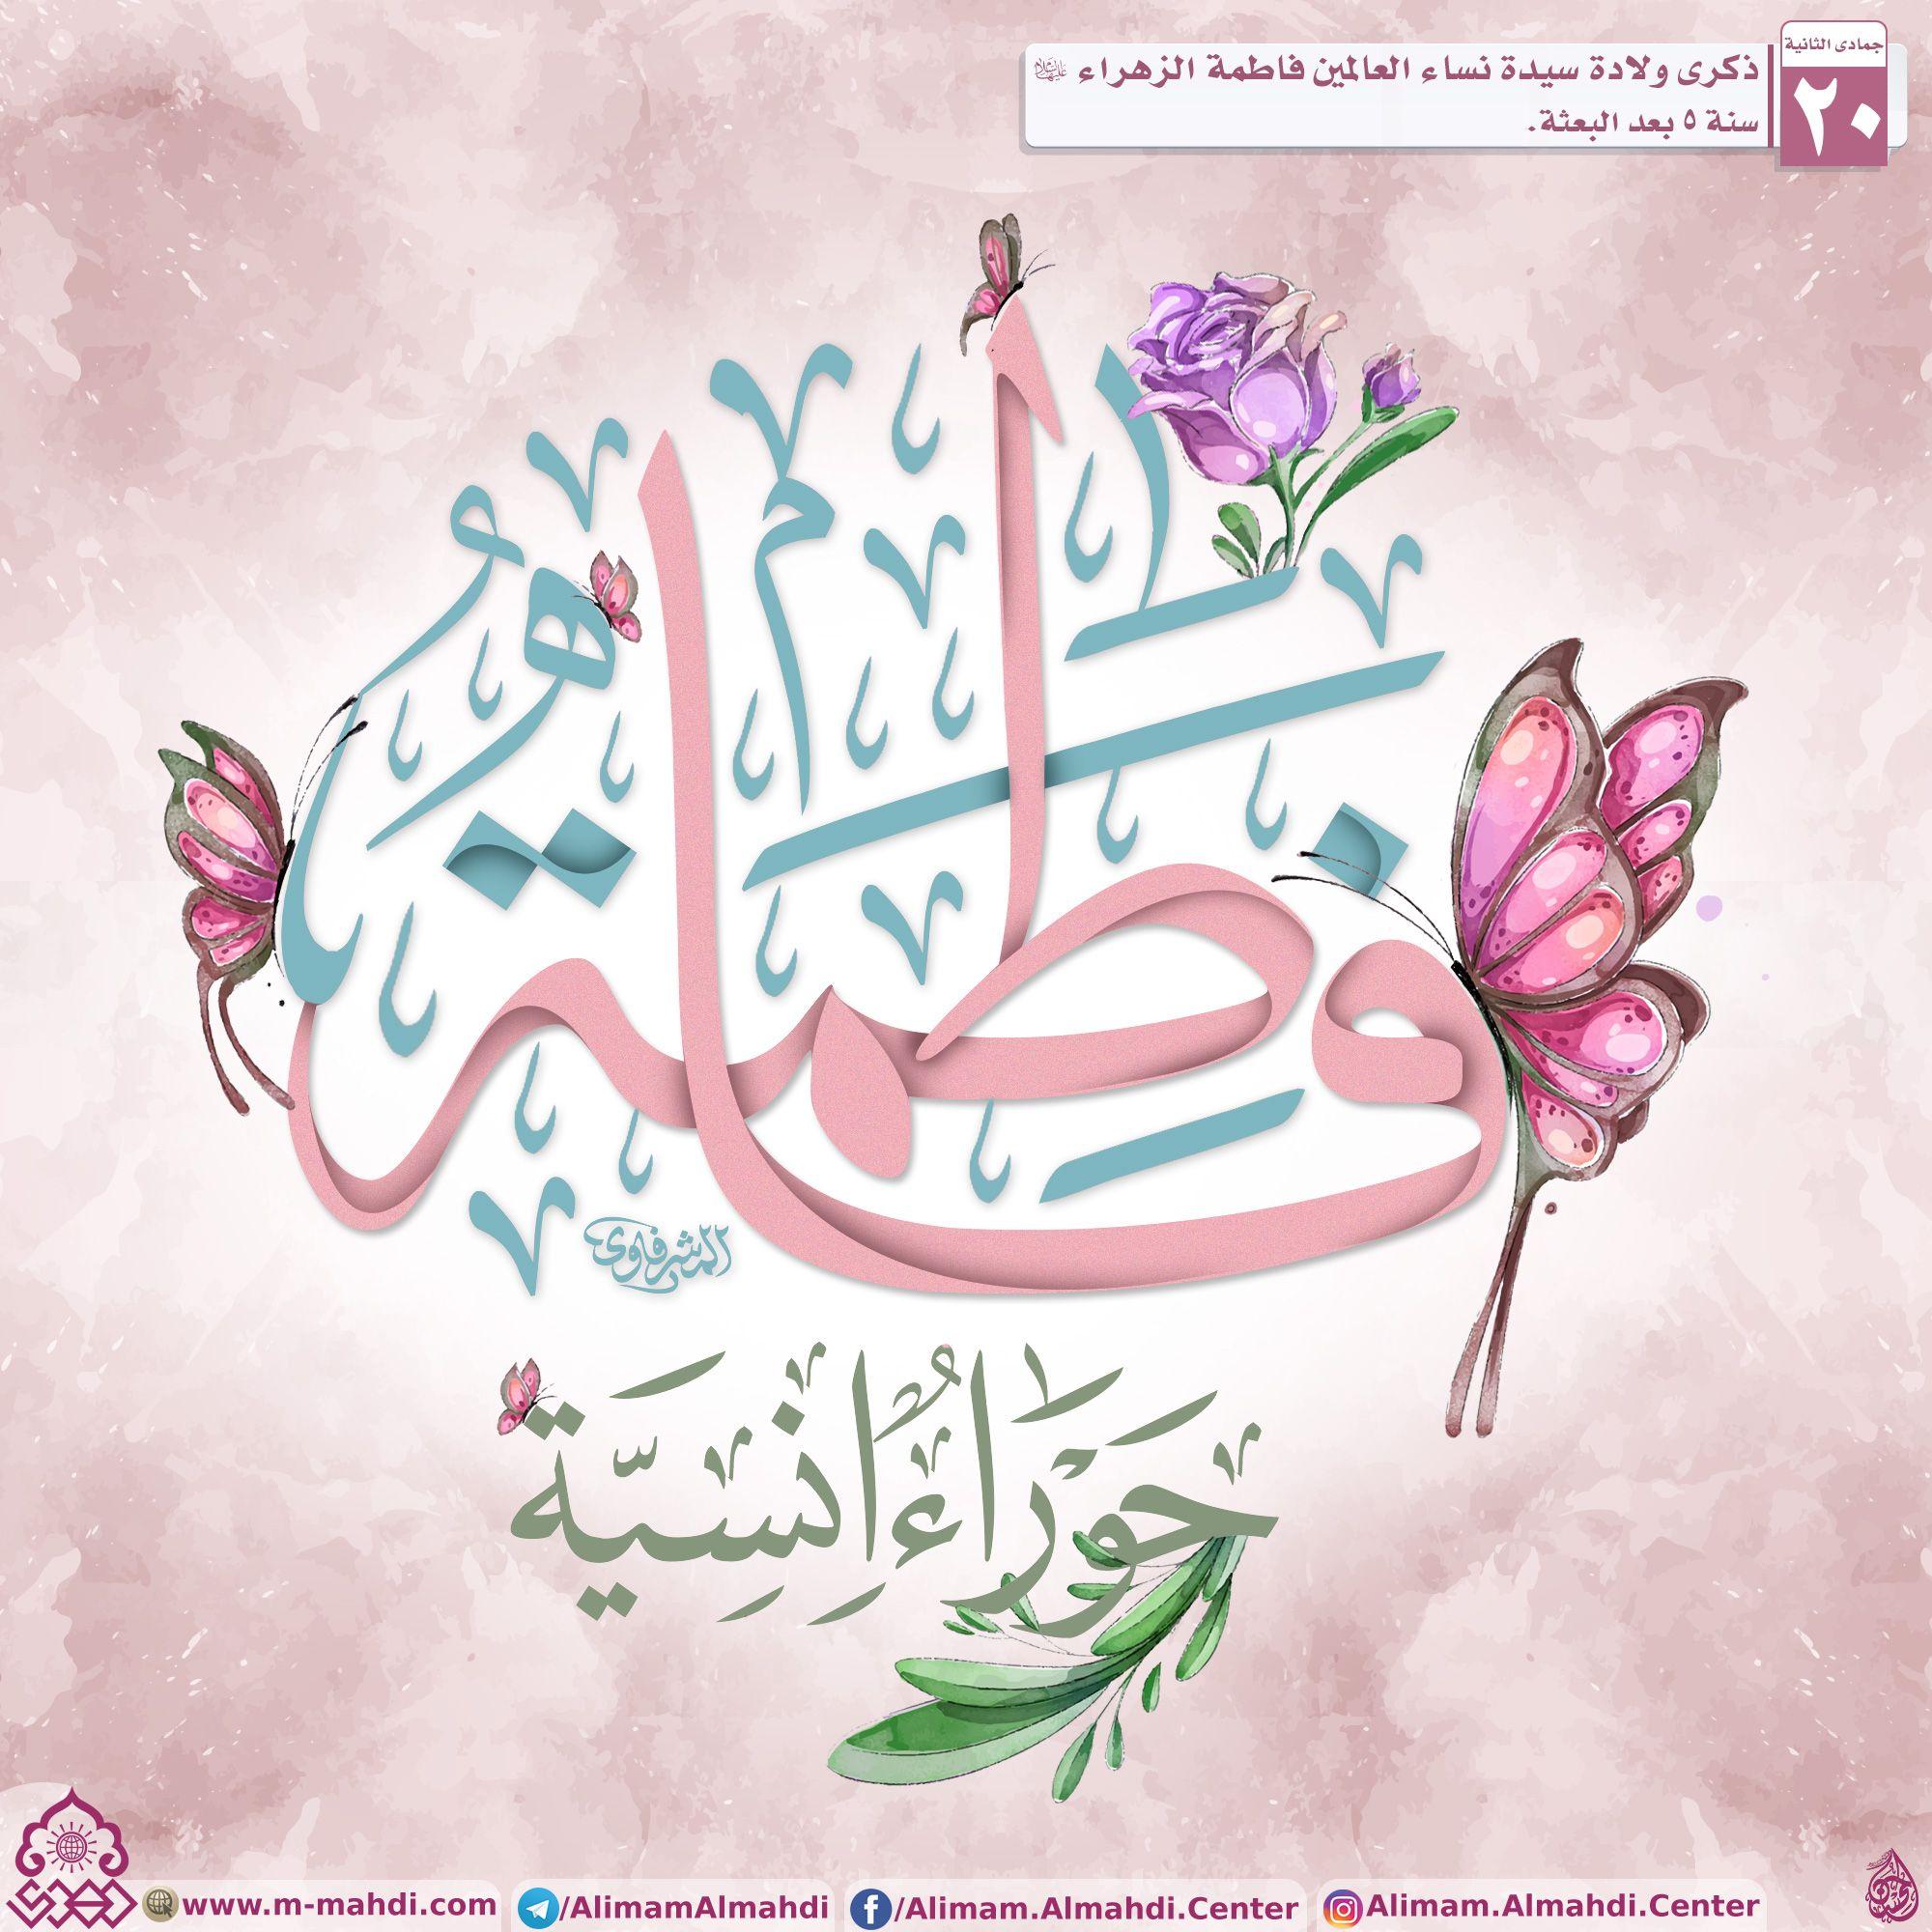 ذكرى ولادة سيدة نساء العالمين فاطمة الزهراء عليها السلام Islamic Art Calligraphy Islamic Calligraphy Arabic Calligraphy Art